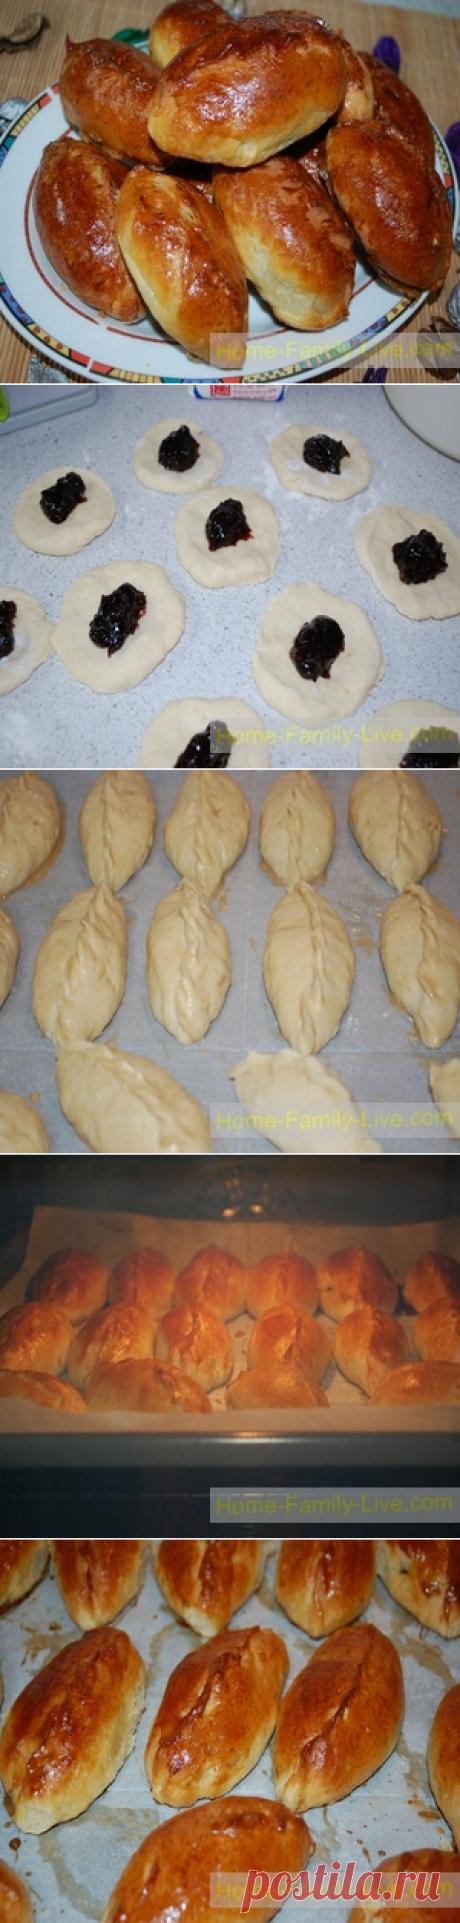 Пирожки с повидлом - пошаговый рецепт - сладкая выпечкаКулинарные рецепты